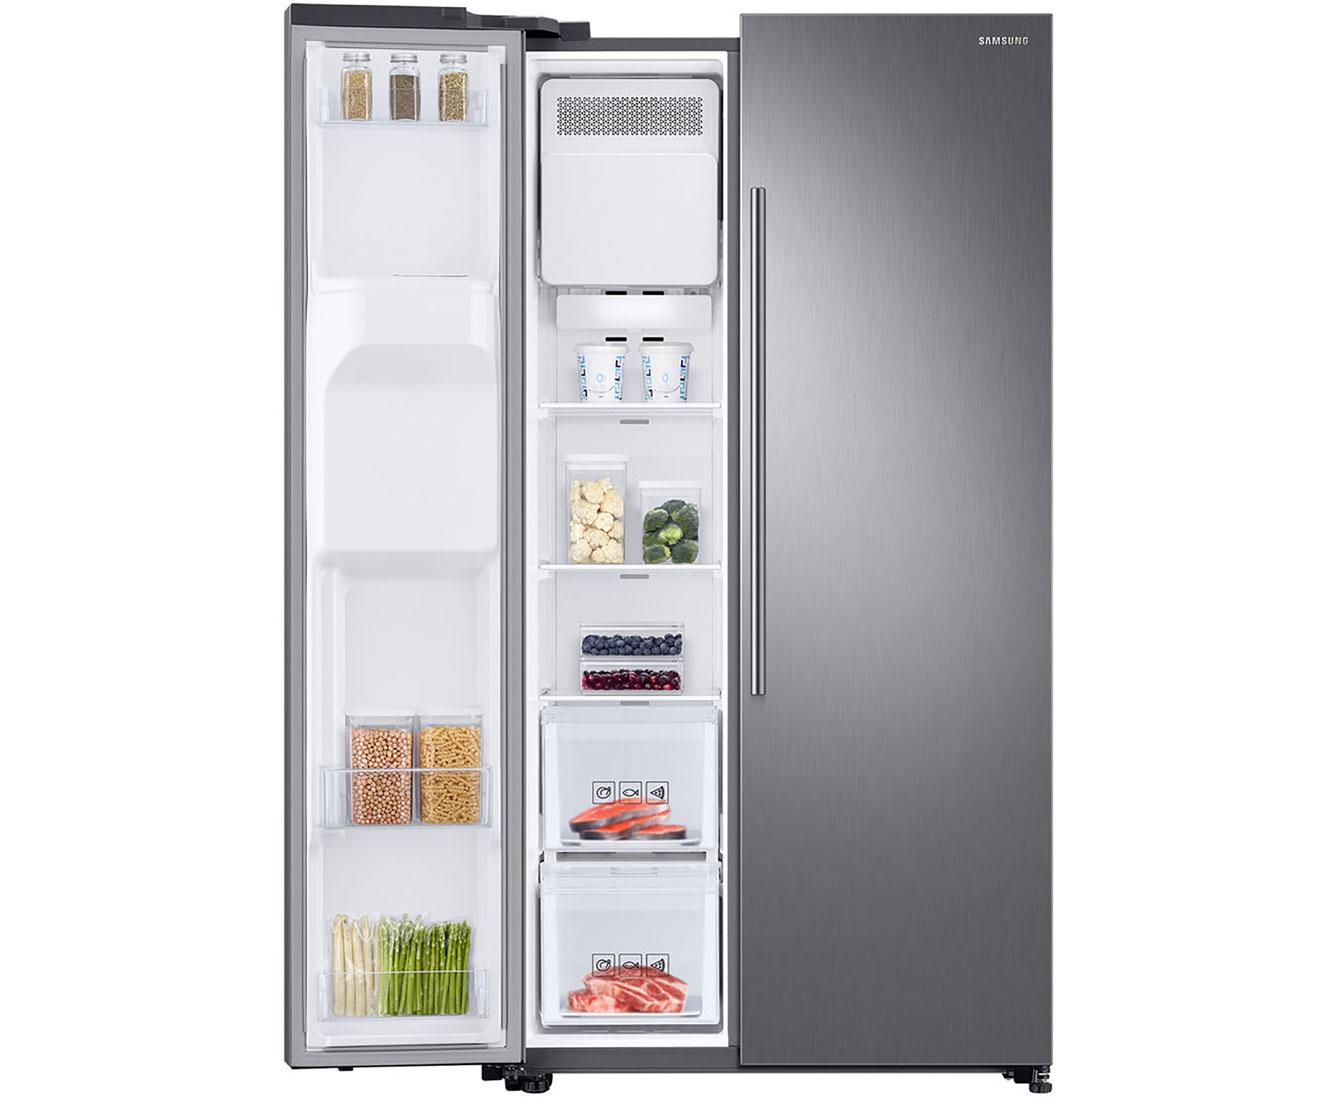 Kühlschrank Wasserleitung : Samsung rs6jn8210s9 eg amerikanischer side by side mit wasserspender